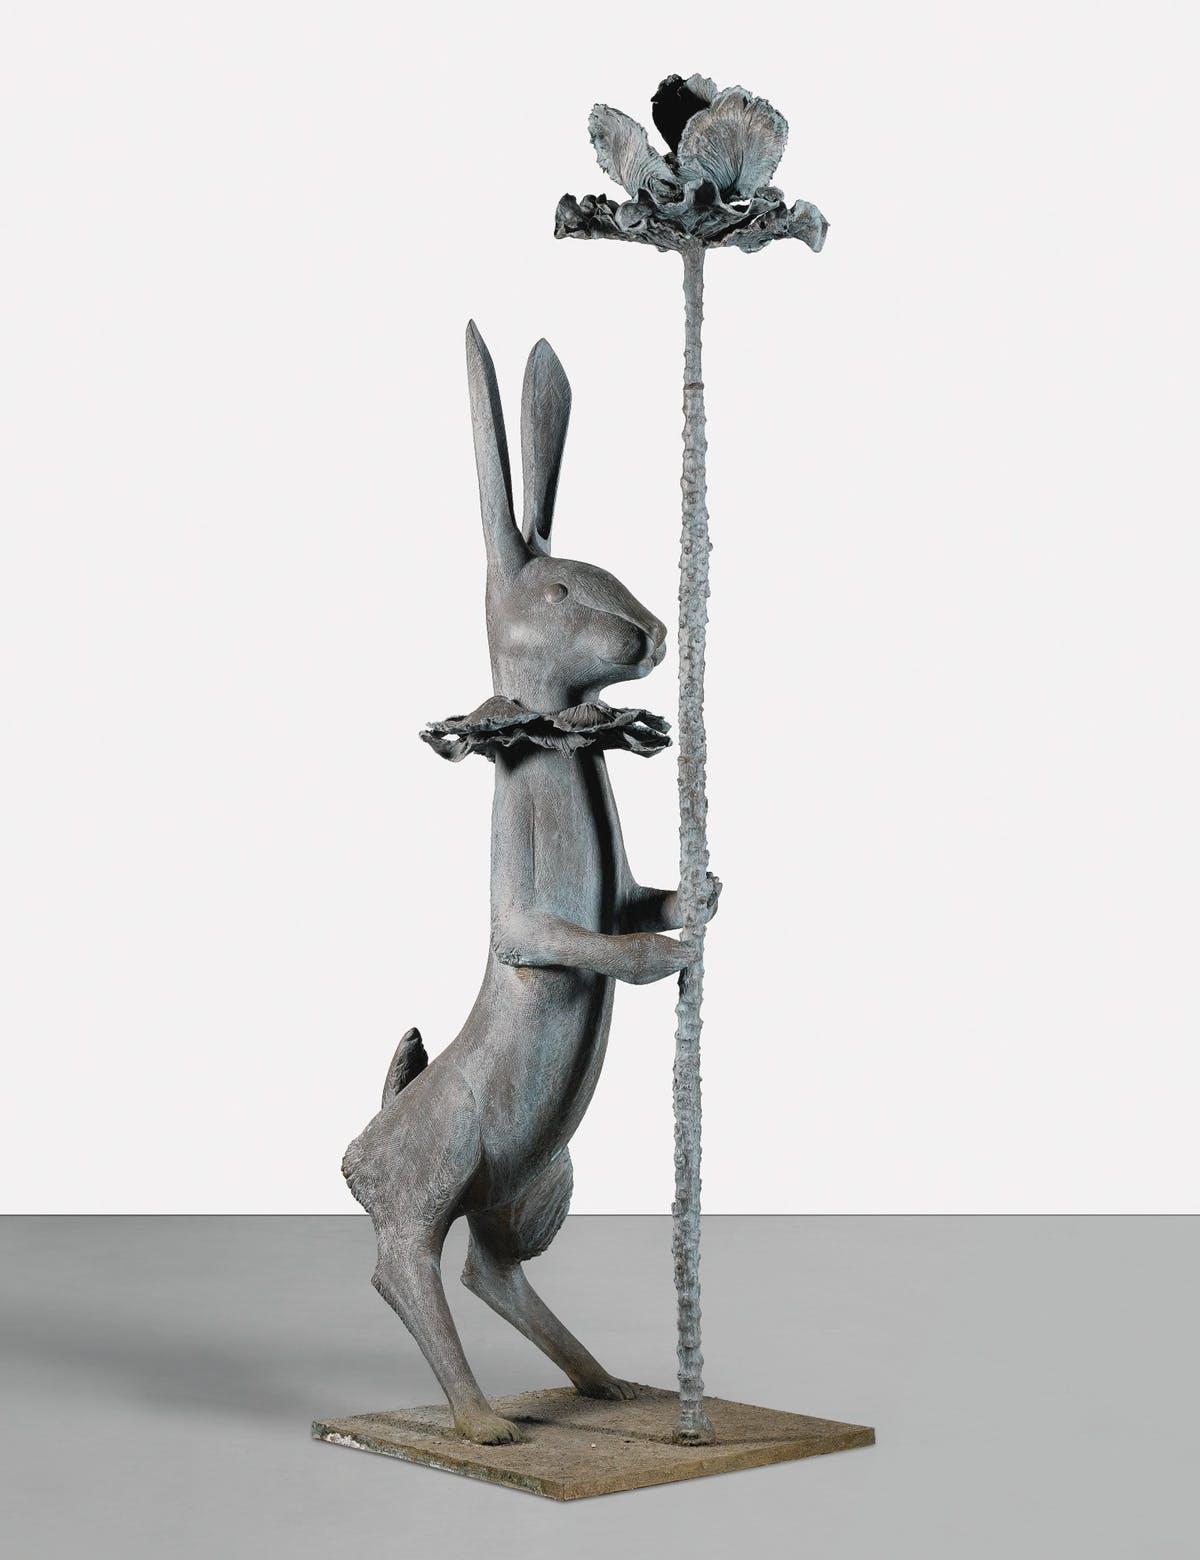 Le lapin de victoire, image ©Sotheby's